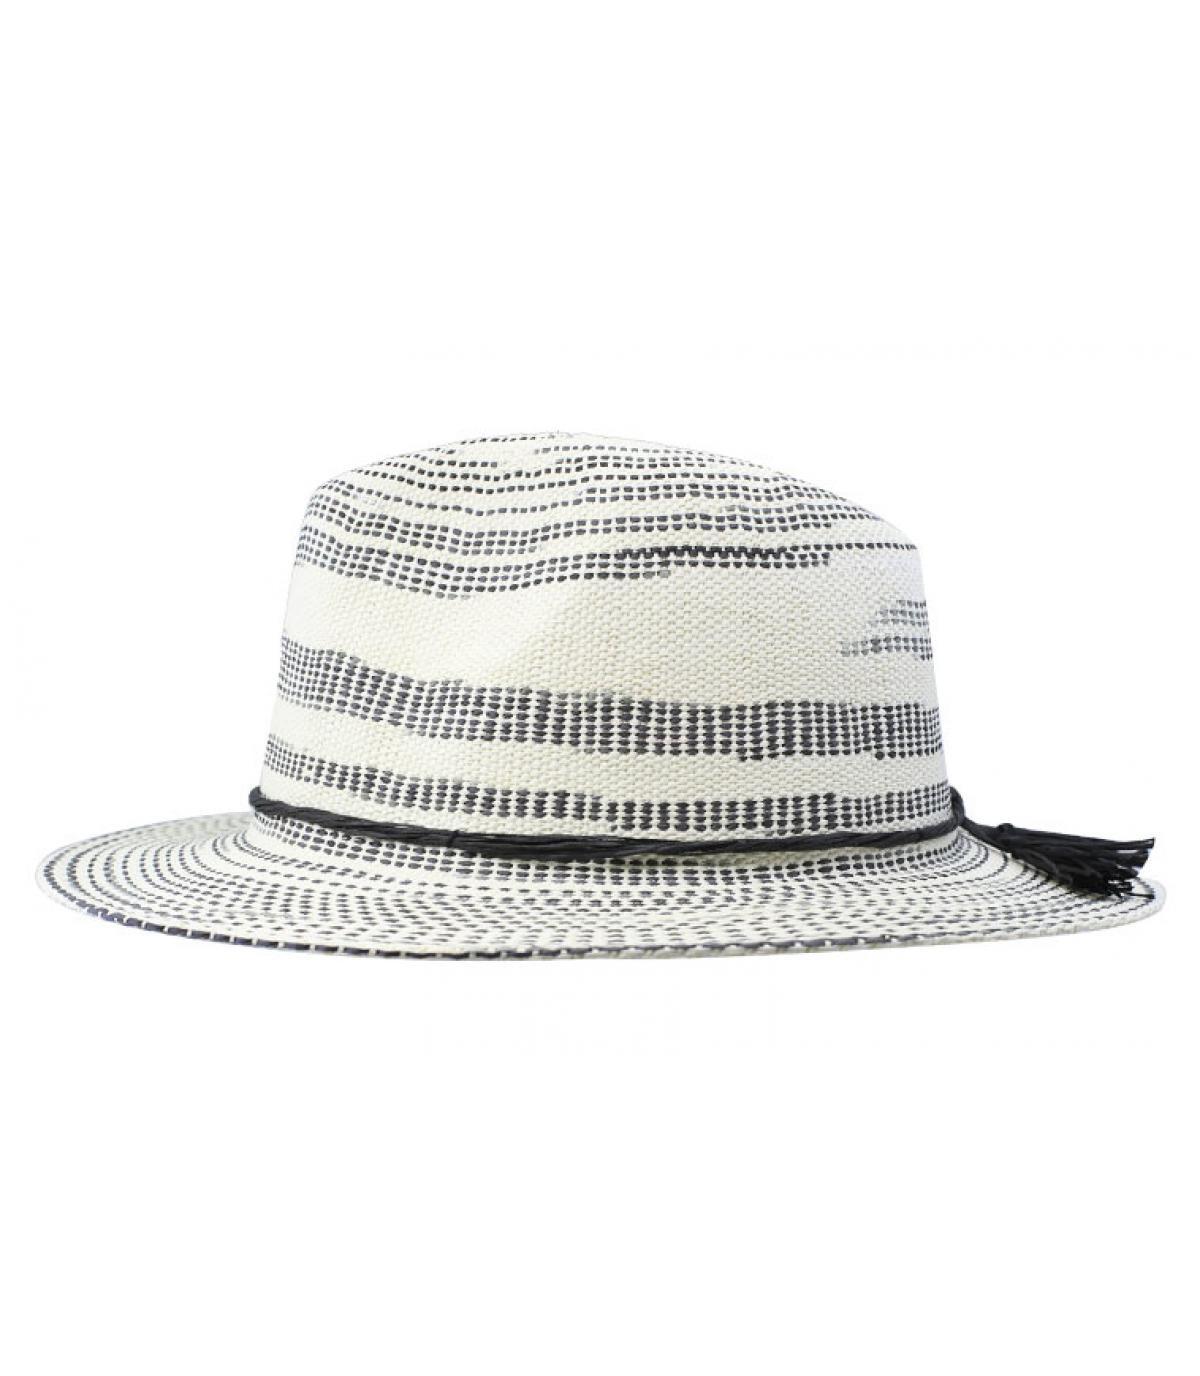 af997466ffb21 Chapeau femme, acheter chapeaux pour femme magasin en ligne - Headict